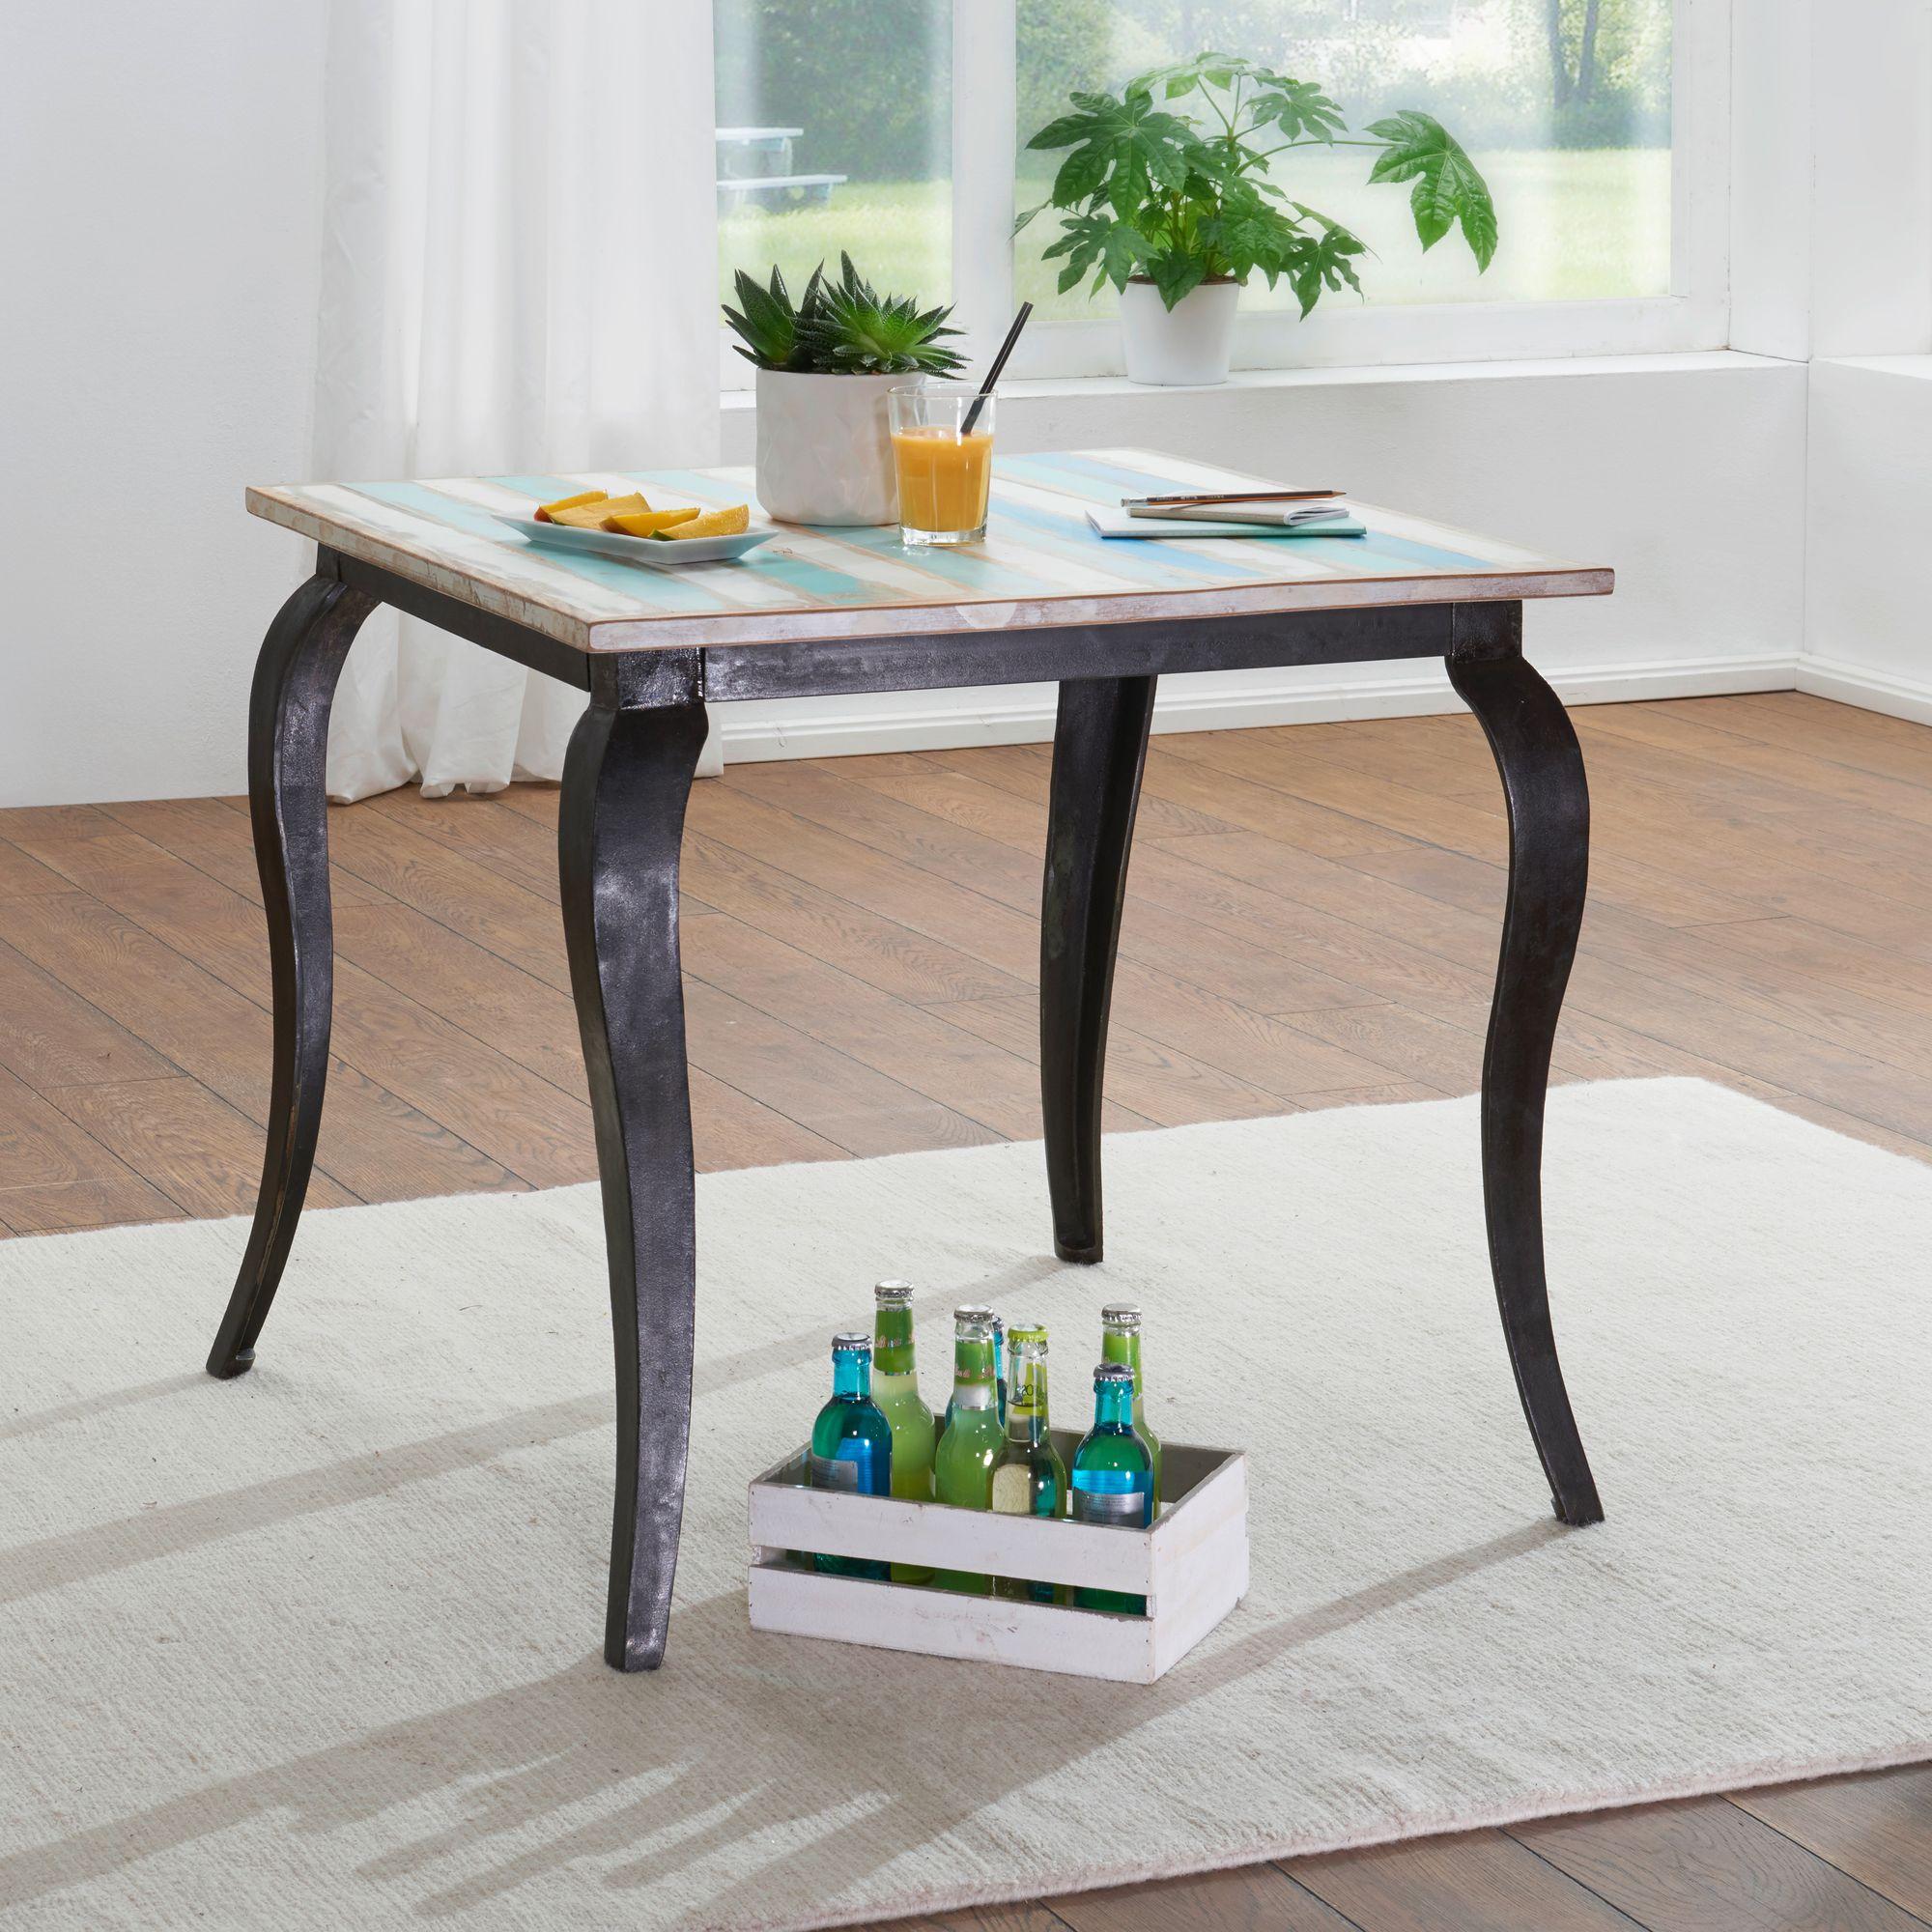 Full Size of Esstisch Holz Massiv Sofa Für Stühle Kleines Kleiner Tisch Küche Designer Lampen Weiss Kleine Einrichten 2m Weiß Eiche Betonplatte Groß Mit Bank Esstische Esstisch Klein